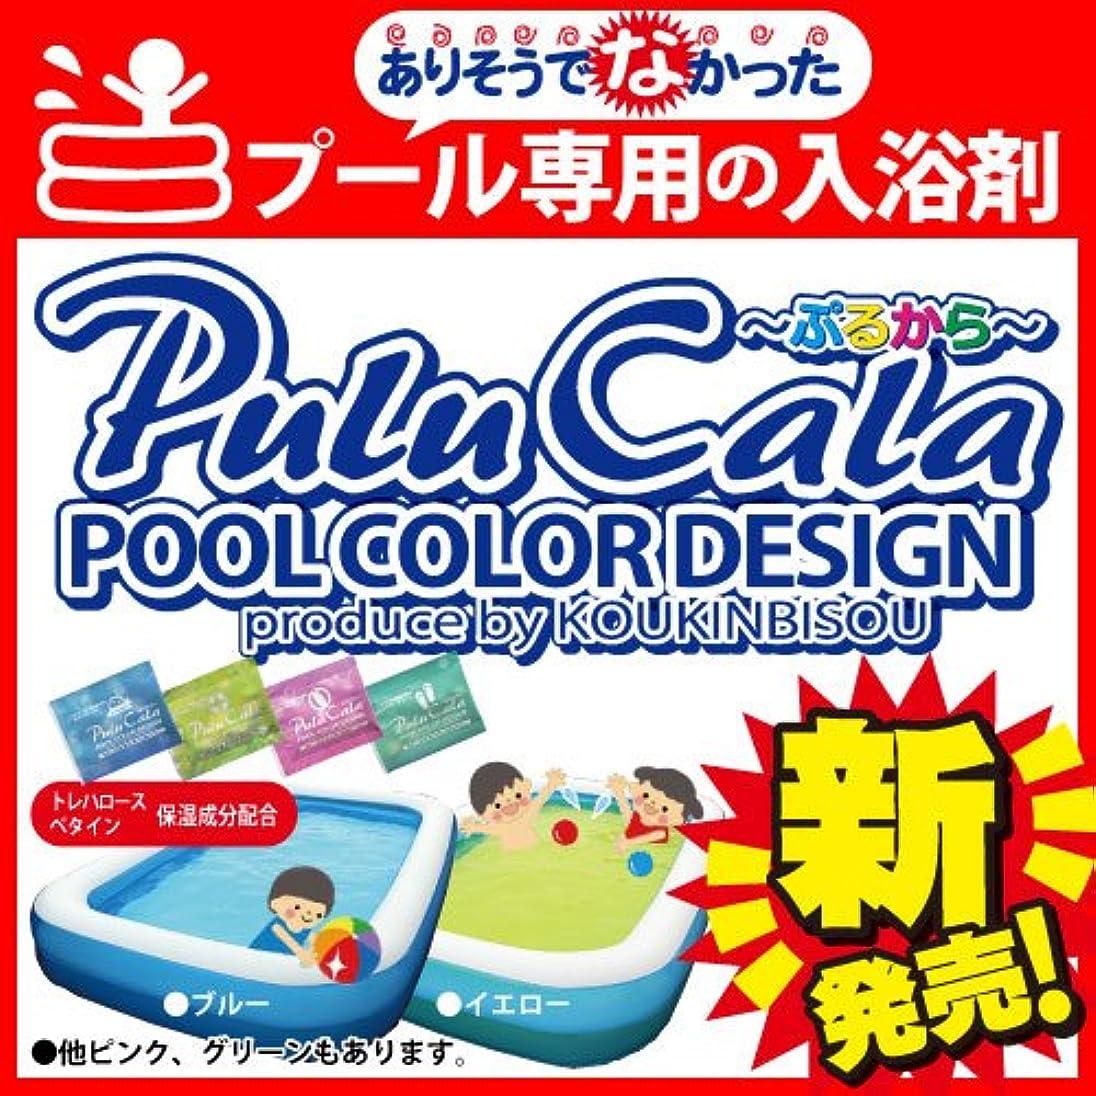 【プール専用入浴剤】ぷるから グリーン10回分セット(25g×10) 目や口に入っても大丈夫!